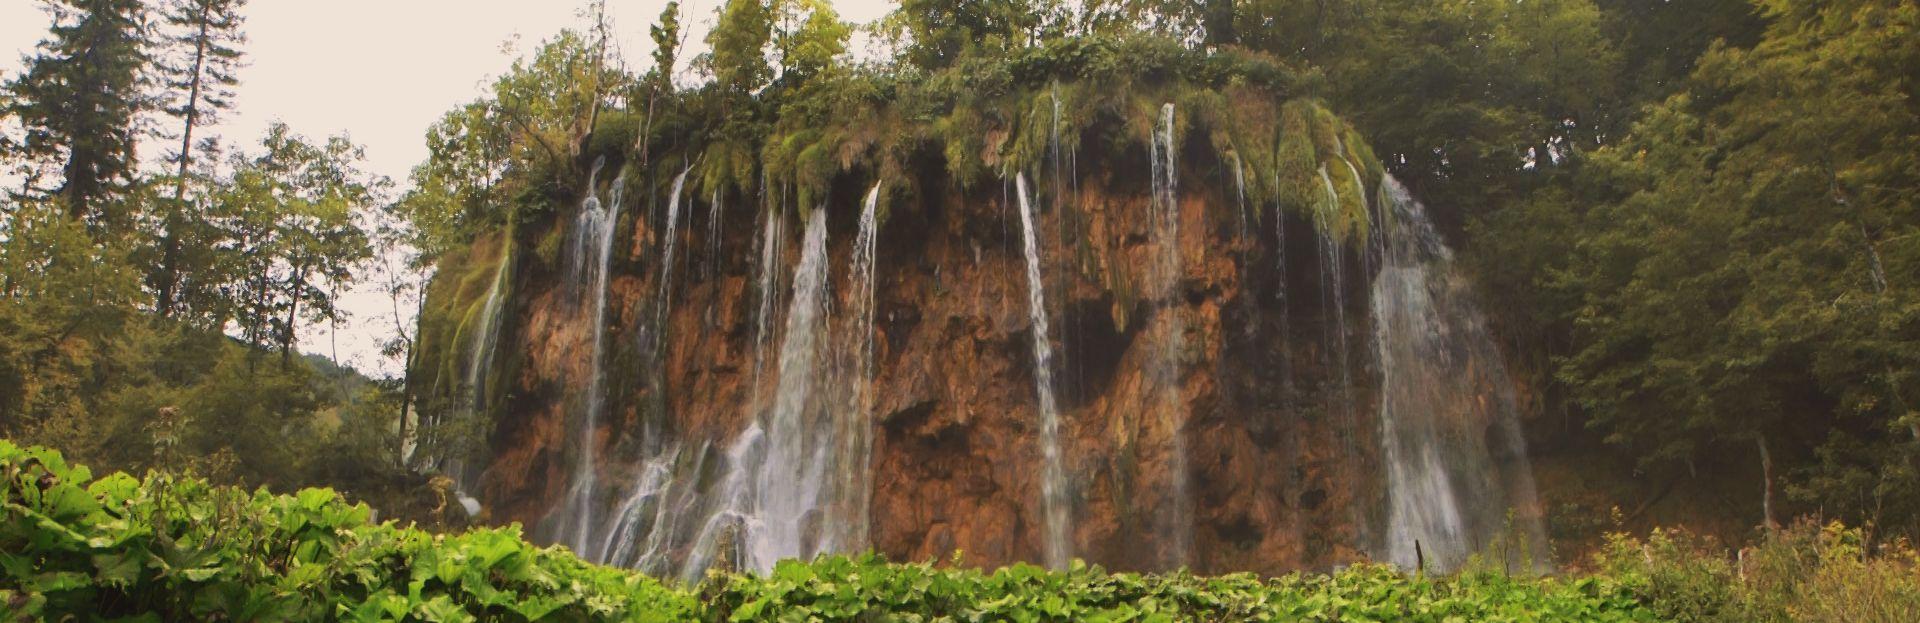 documentaire, voyage, tourisme, plitvice, croatie, denis klein